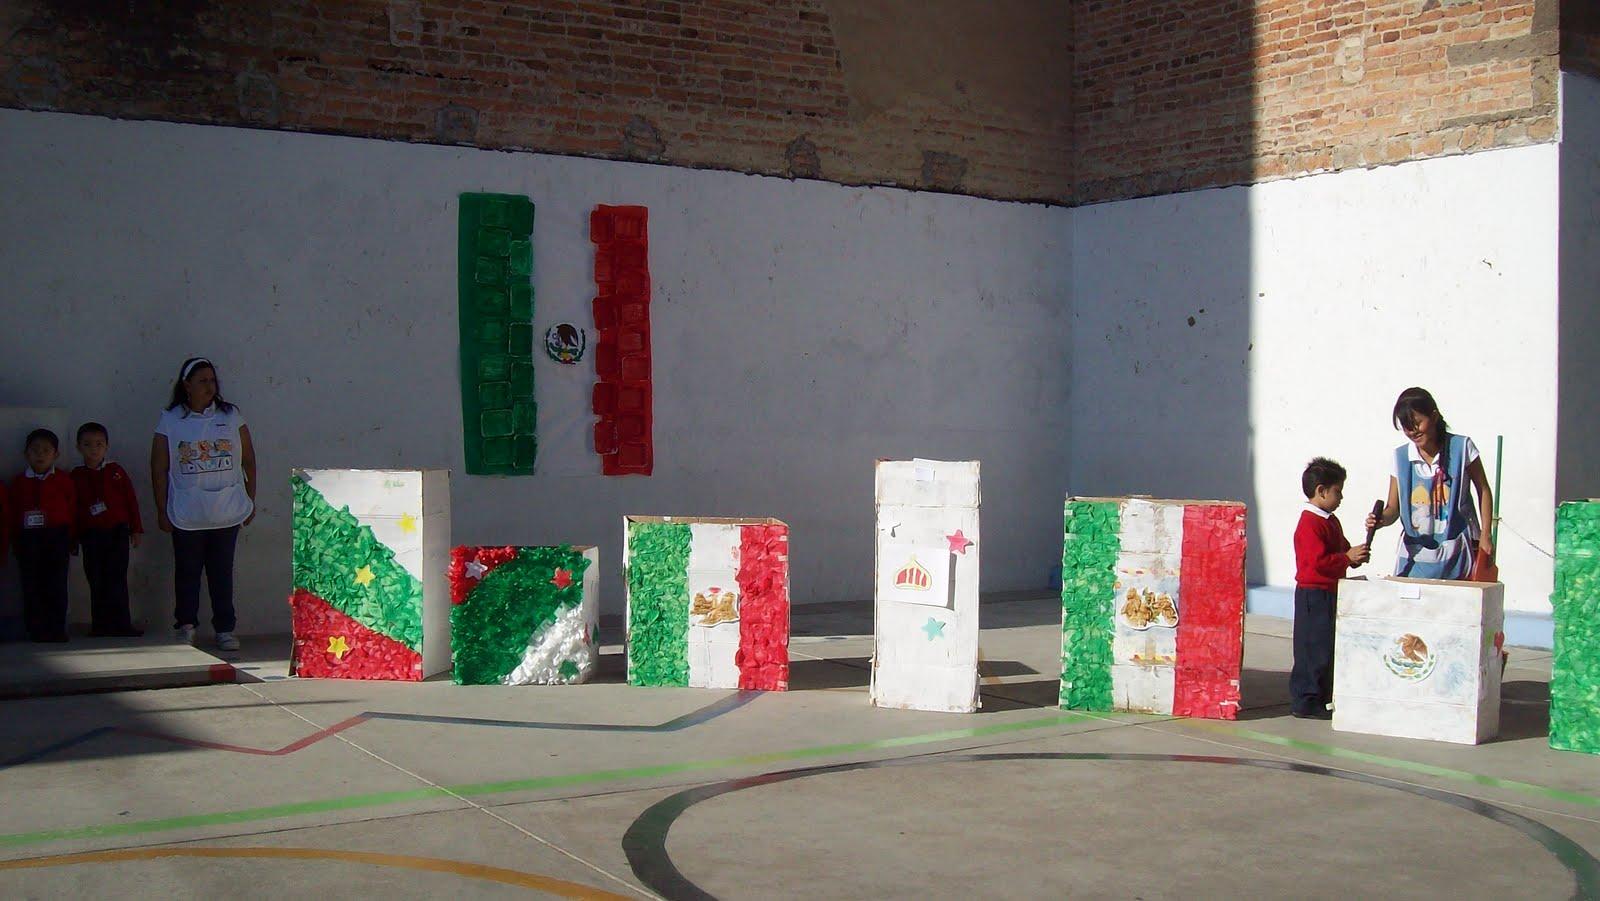 Jardin de ni os abel ayala d a de la bandera for Banderas decorativas para jardin